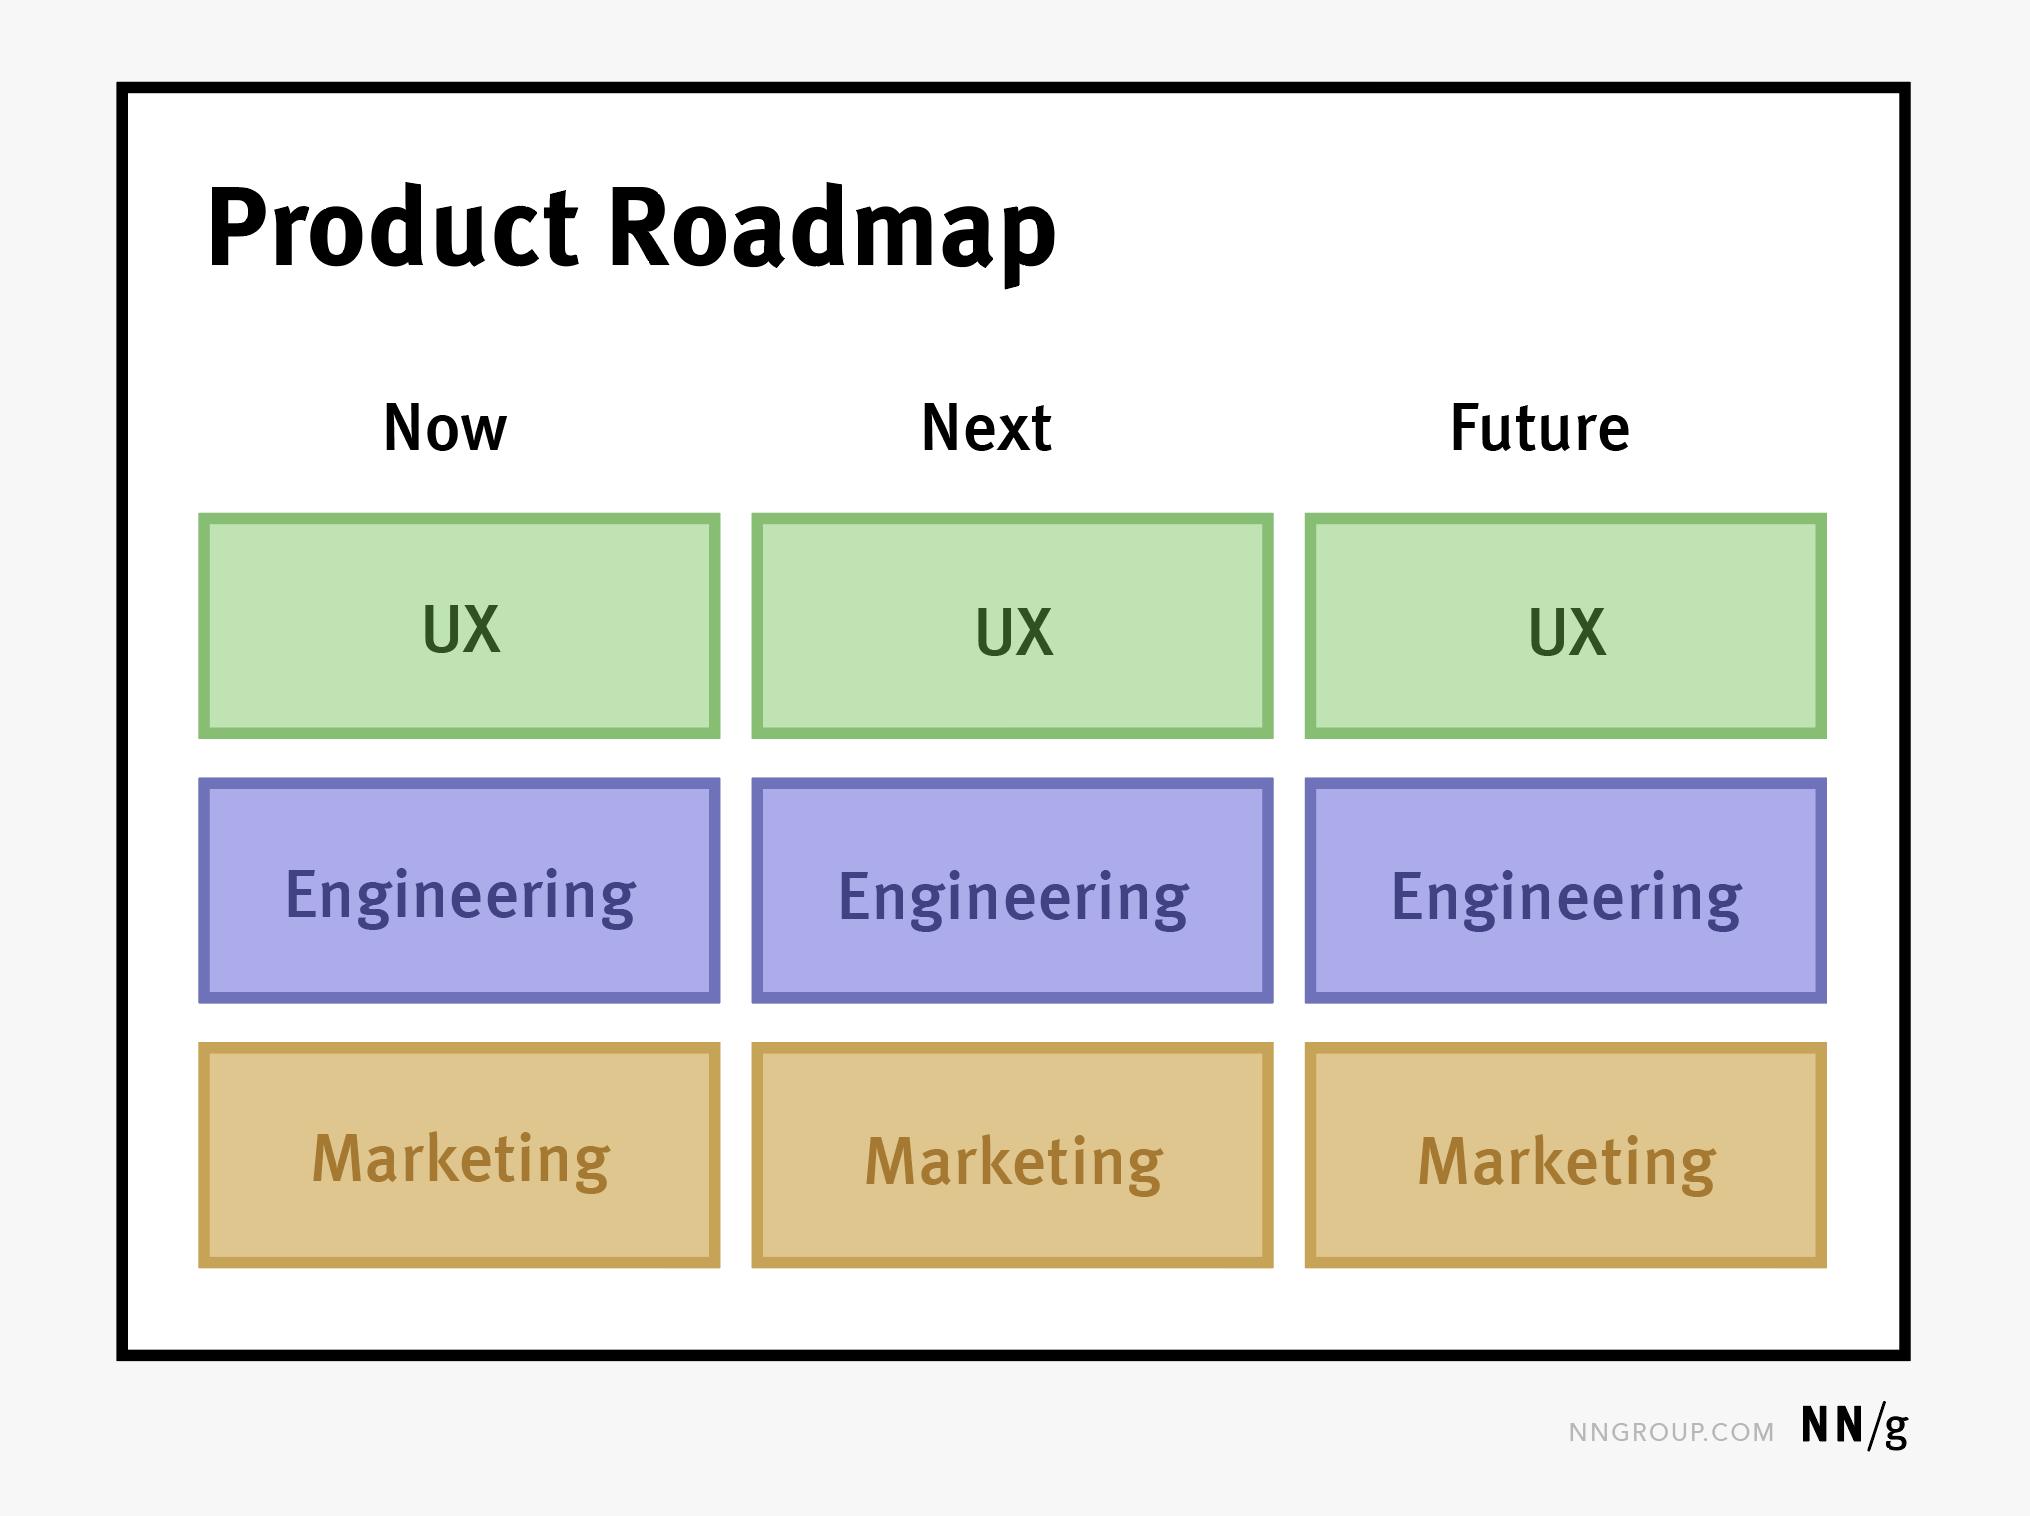 产品路线图是三种类型中最广泛的一种,它驱动着其他路线图。